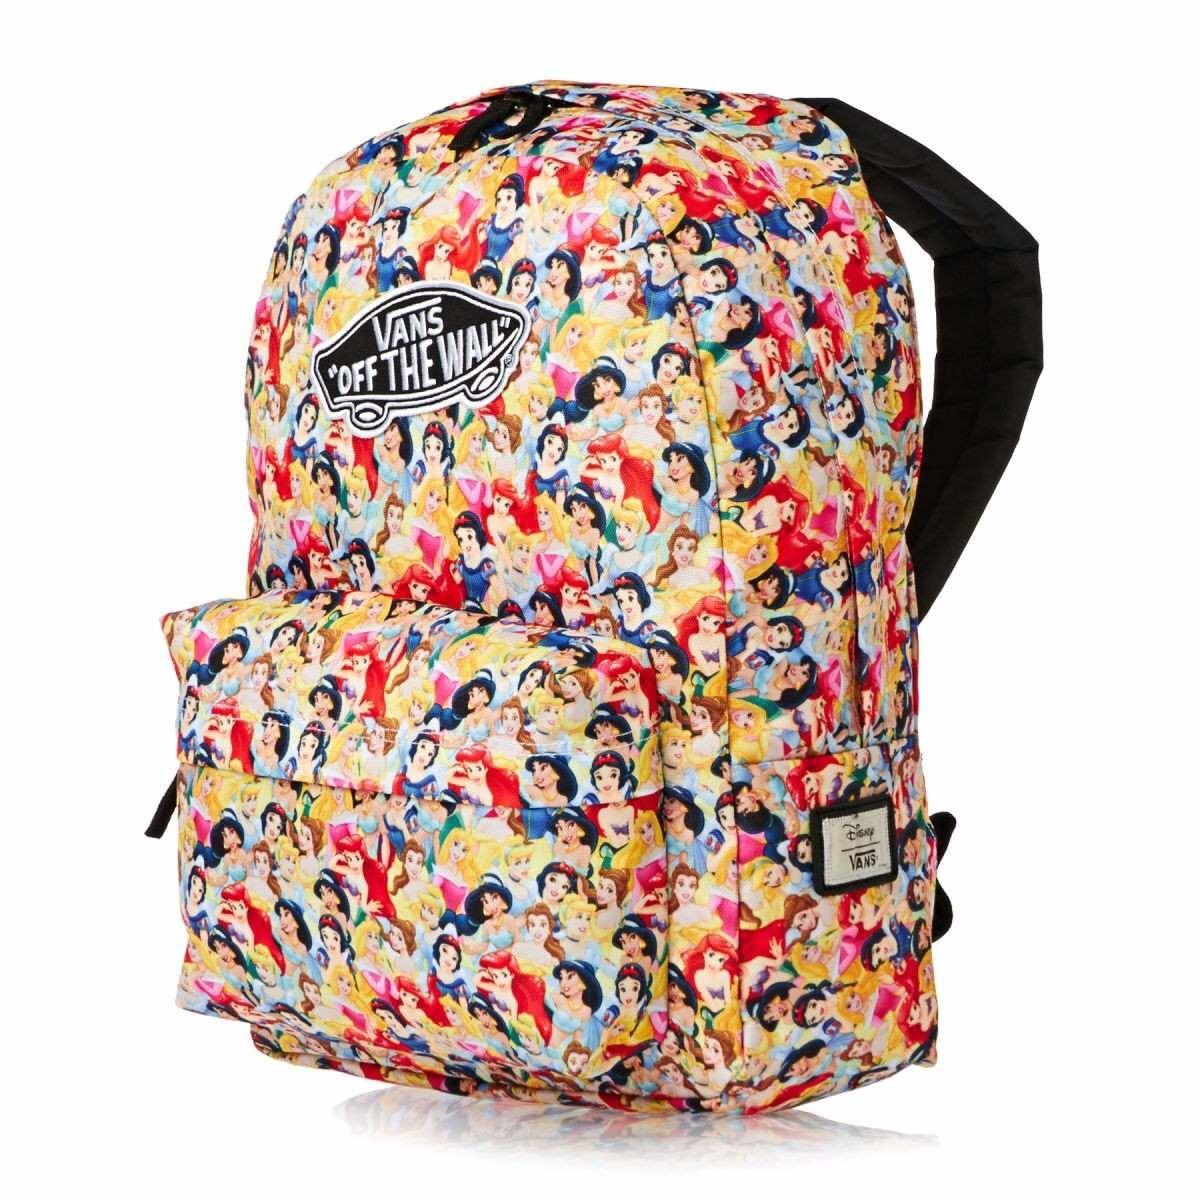 ce68b723b733d mochilas vans donde comprar baratas - Descuentos de hasta el OFF78%